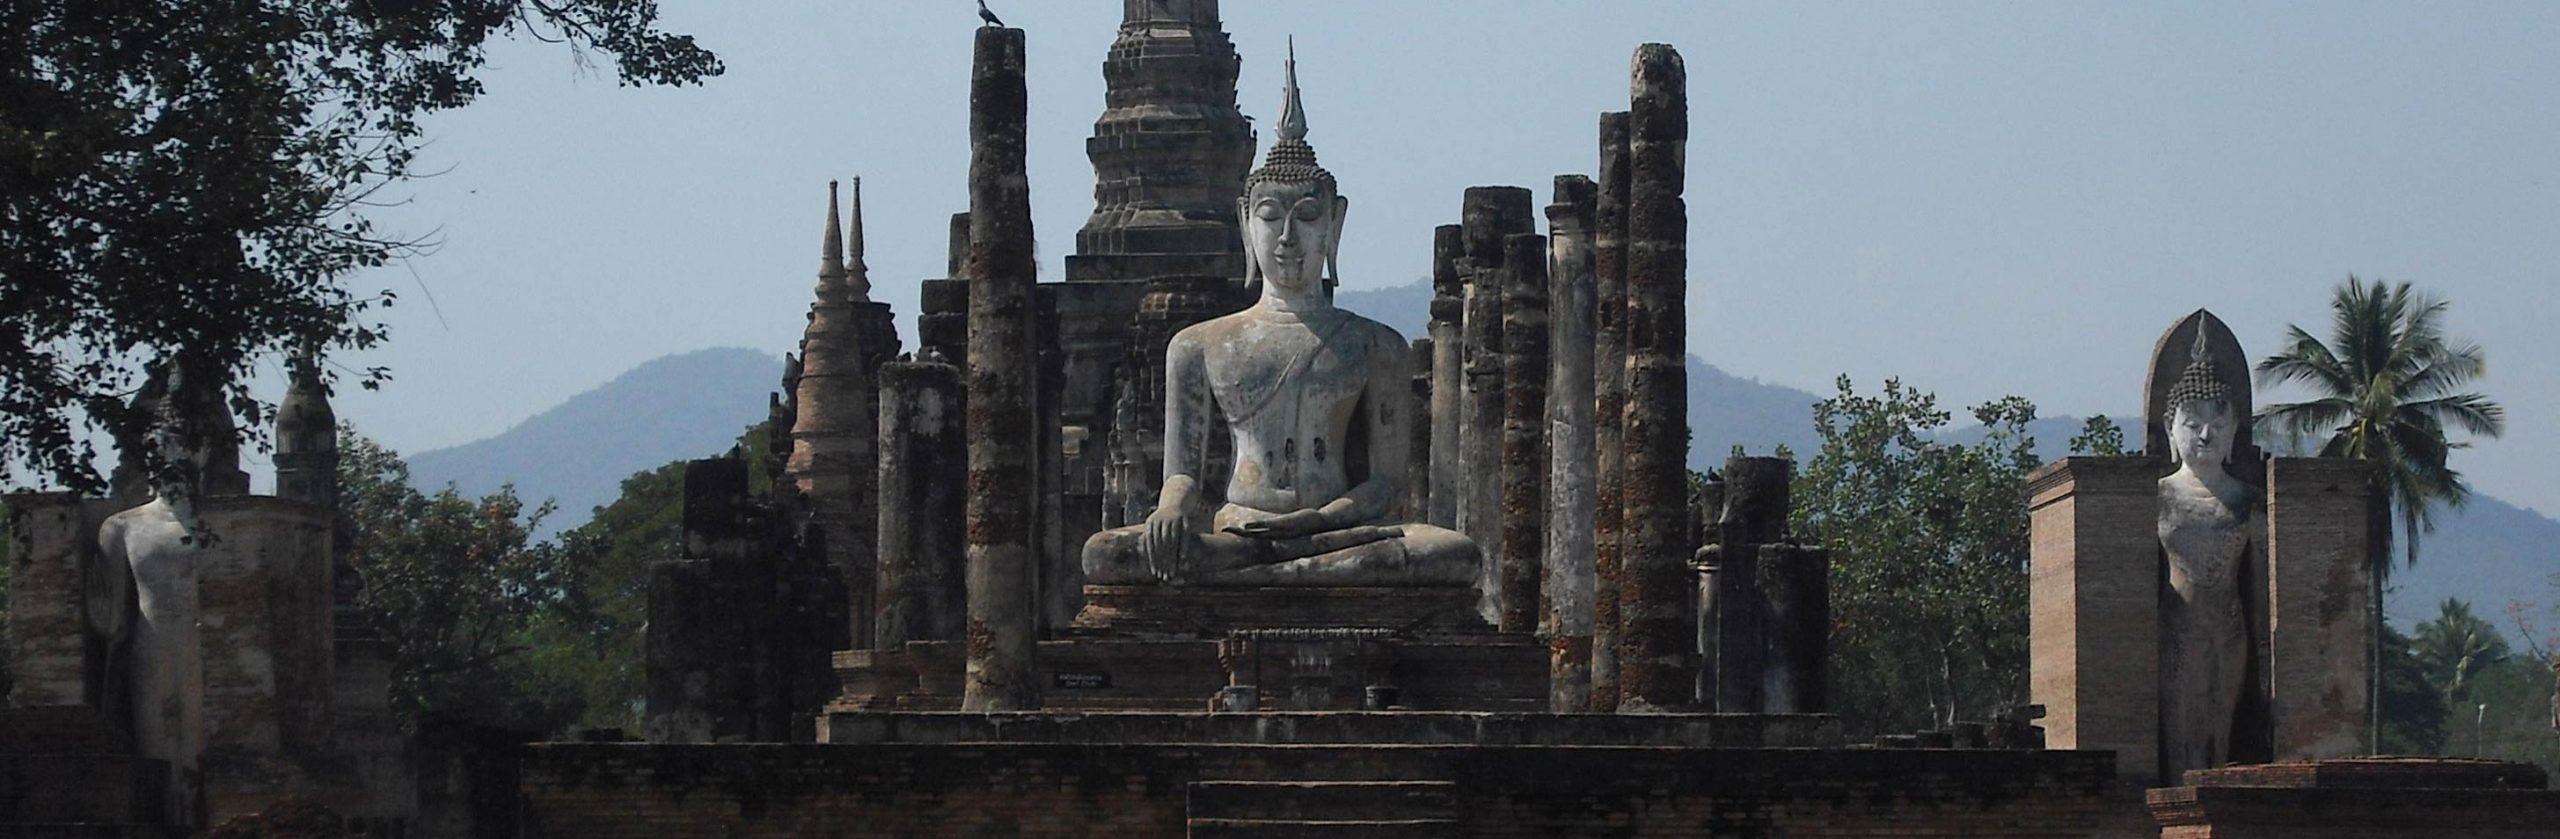 TH Descubriendo el Norte de Tailandia y Koh Samui13 días 2 scaled